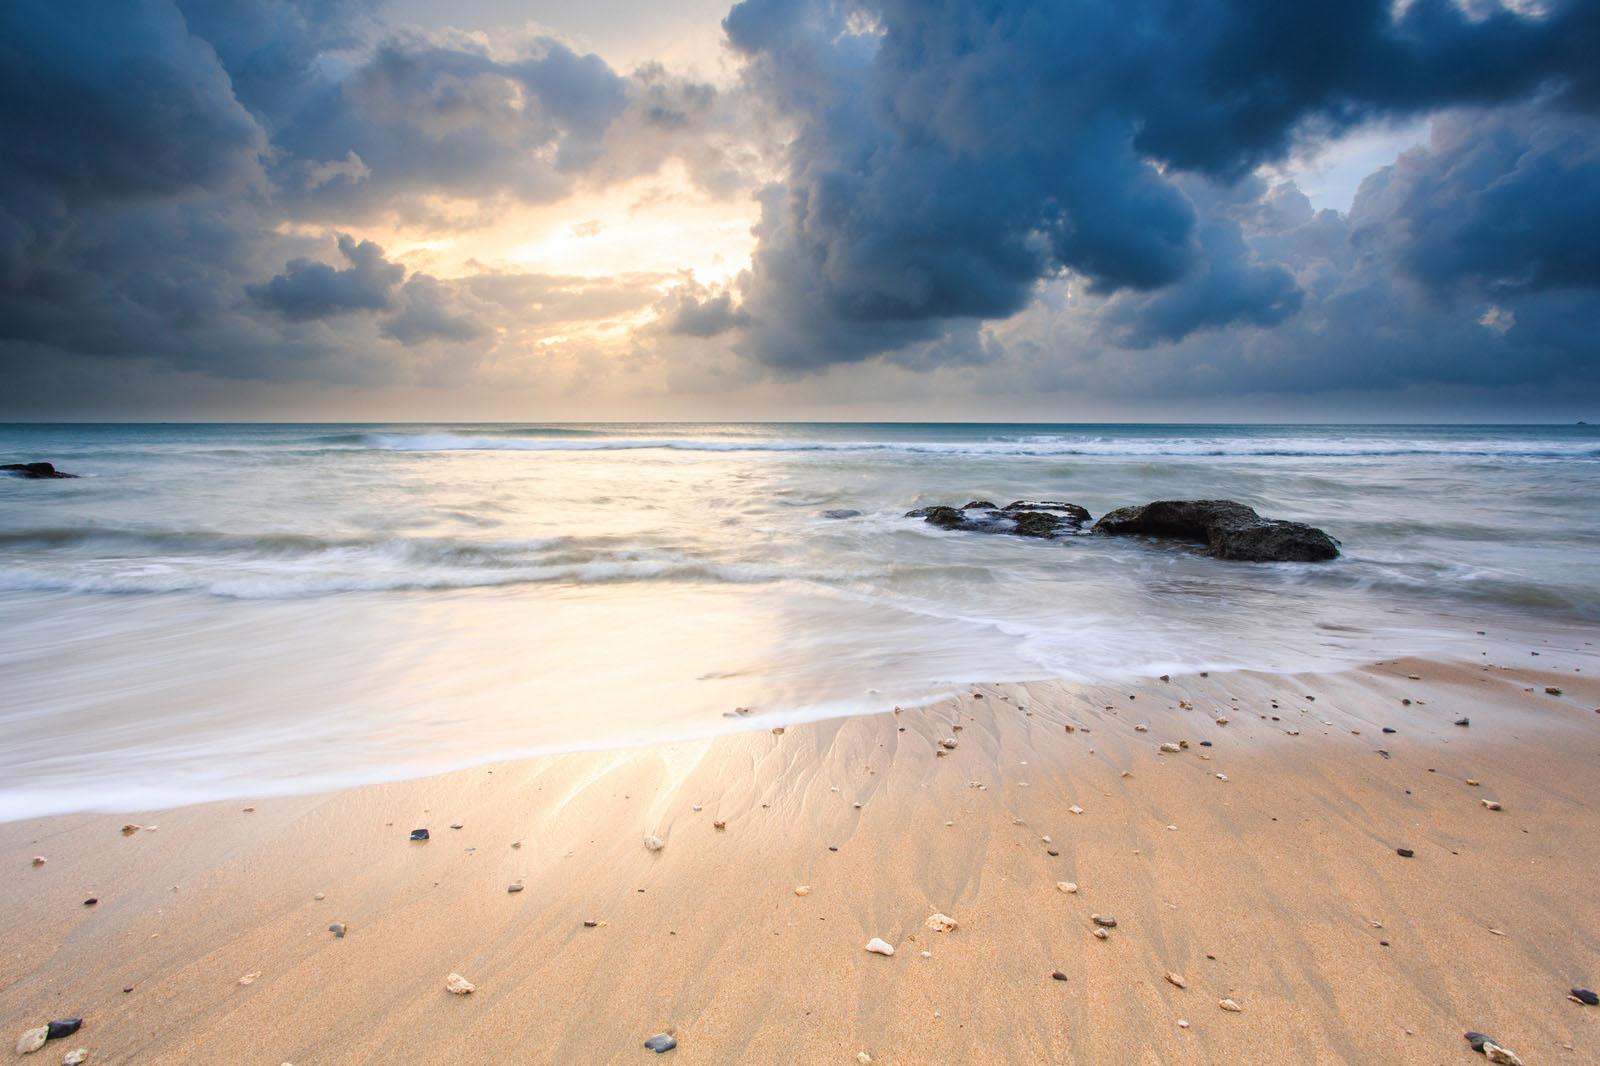 صور بحر خلفيات البحار والمياة بجودة HD (1)